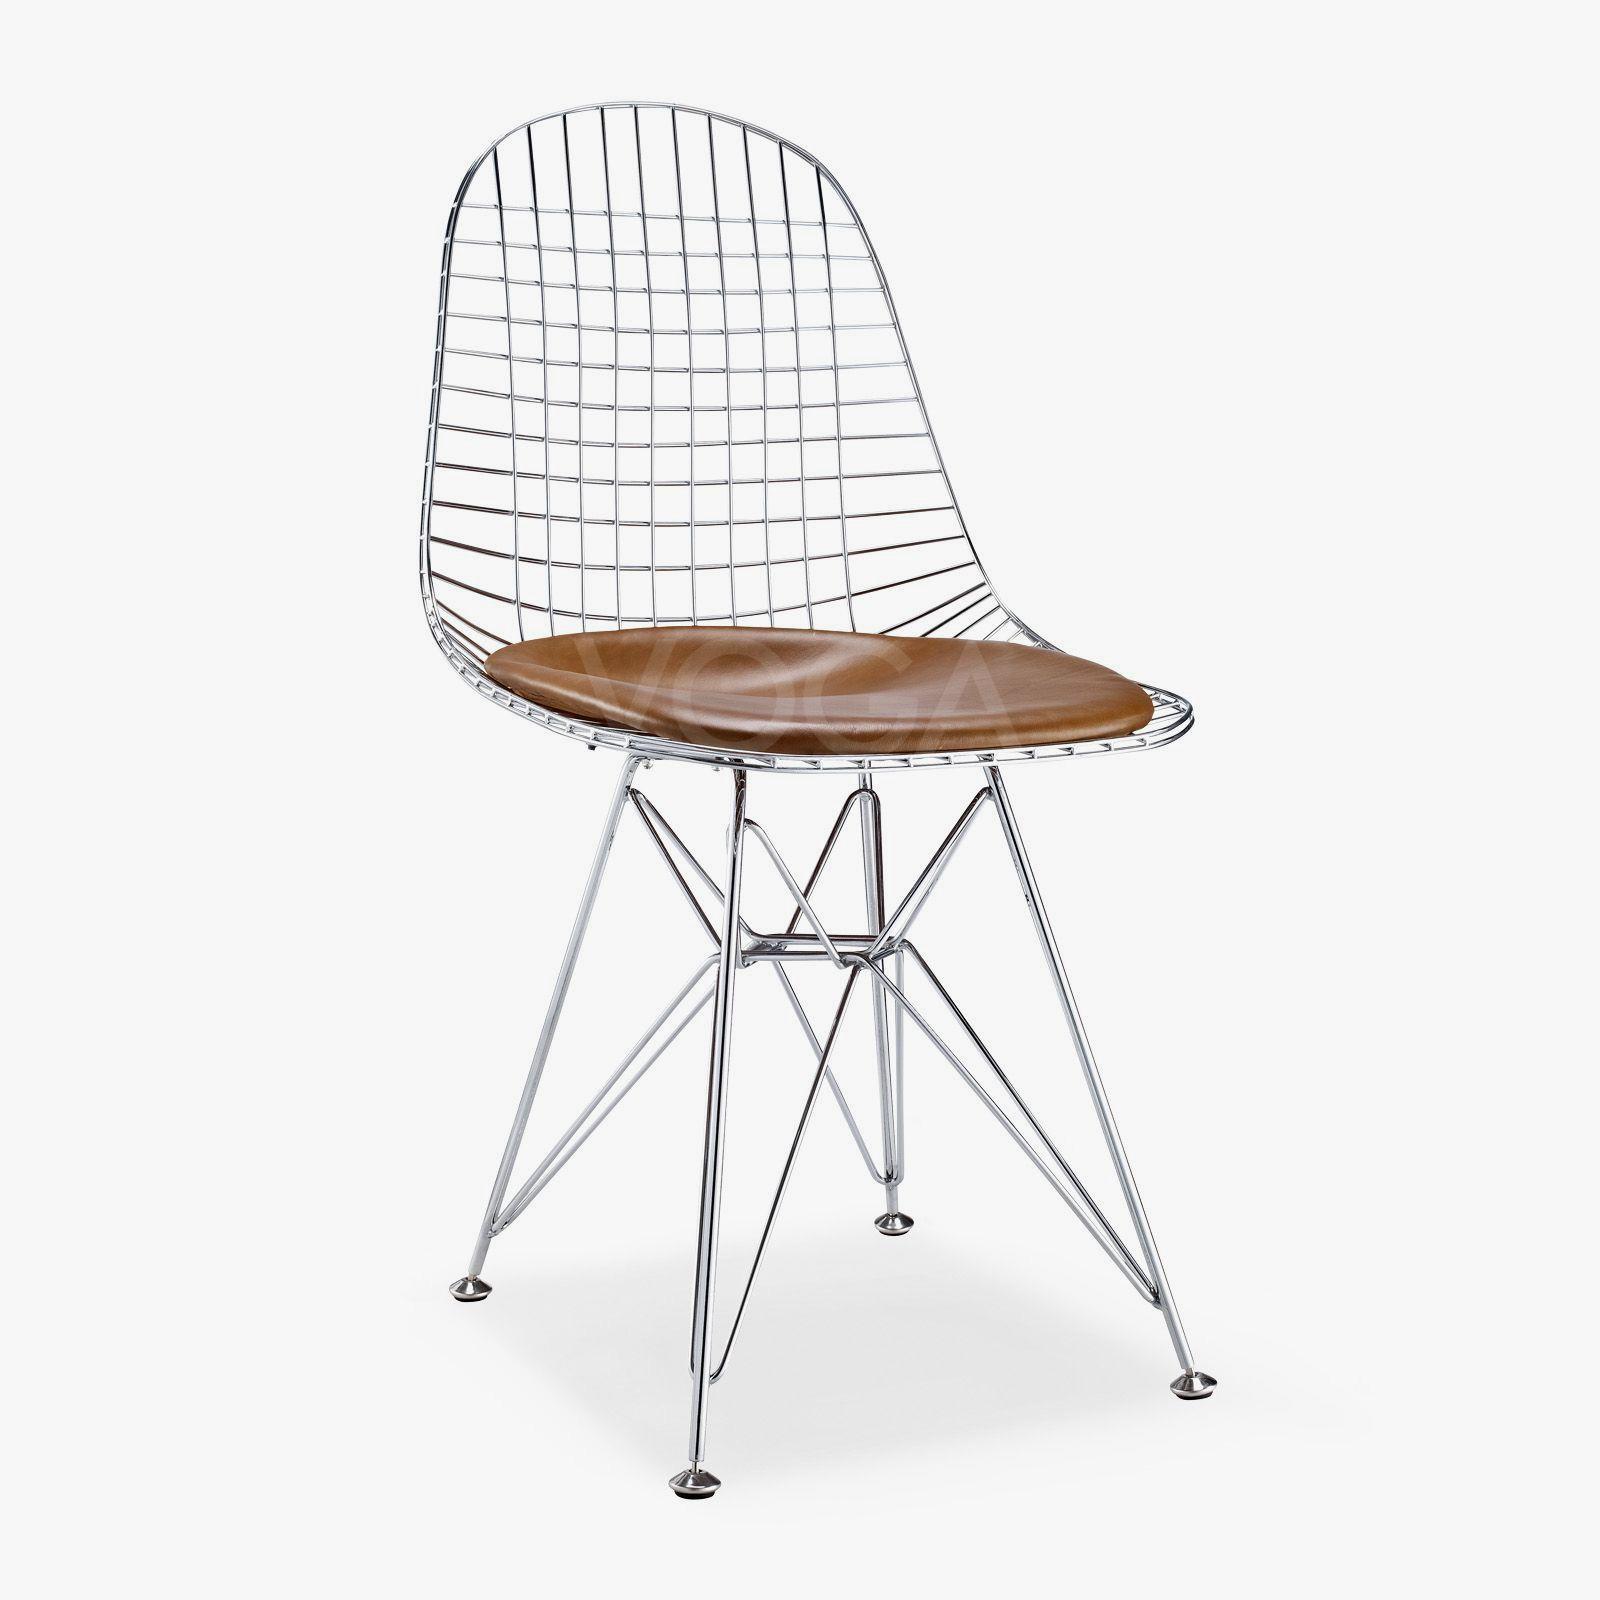 Dkr 5 stol designstoler voga furnitures pinterest for Chaise eames dkr